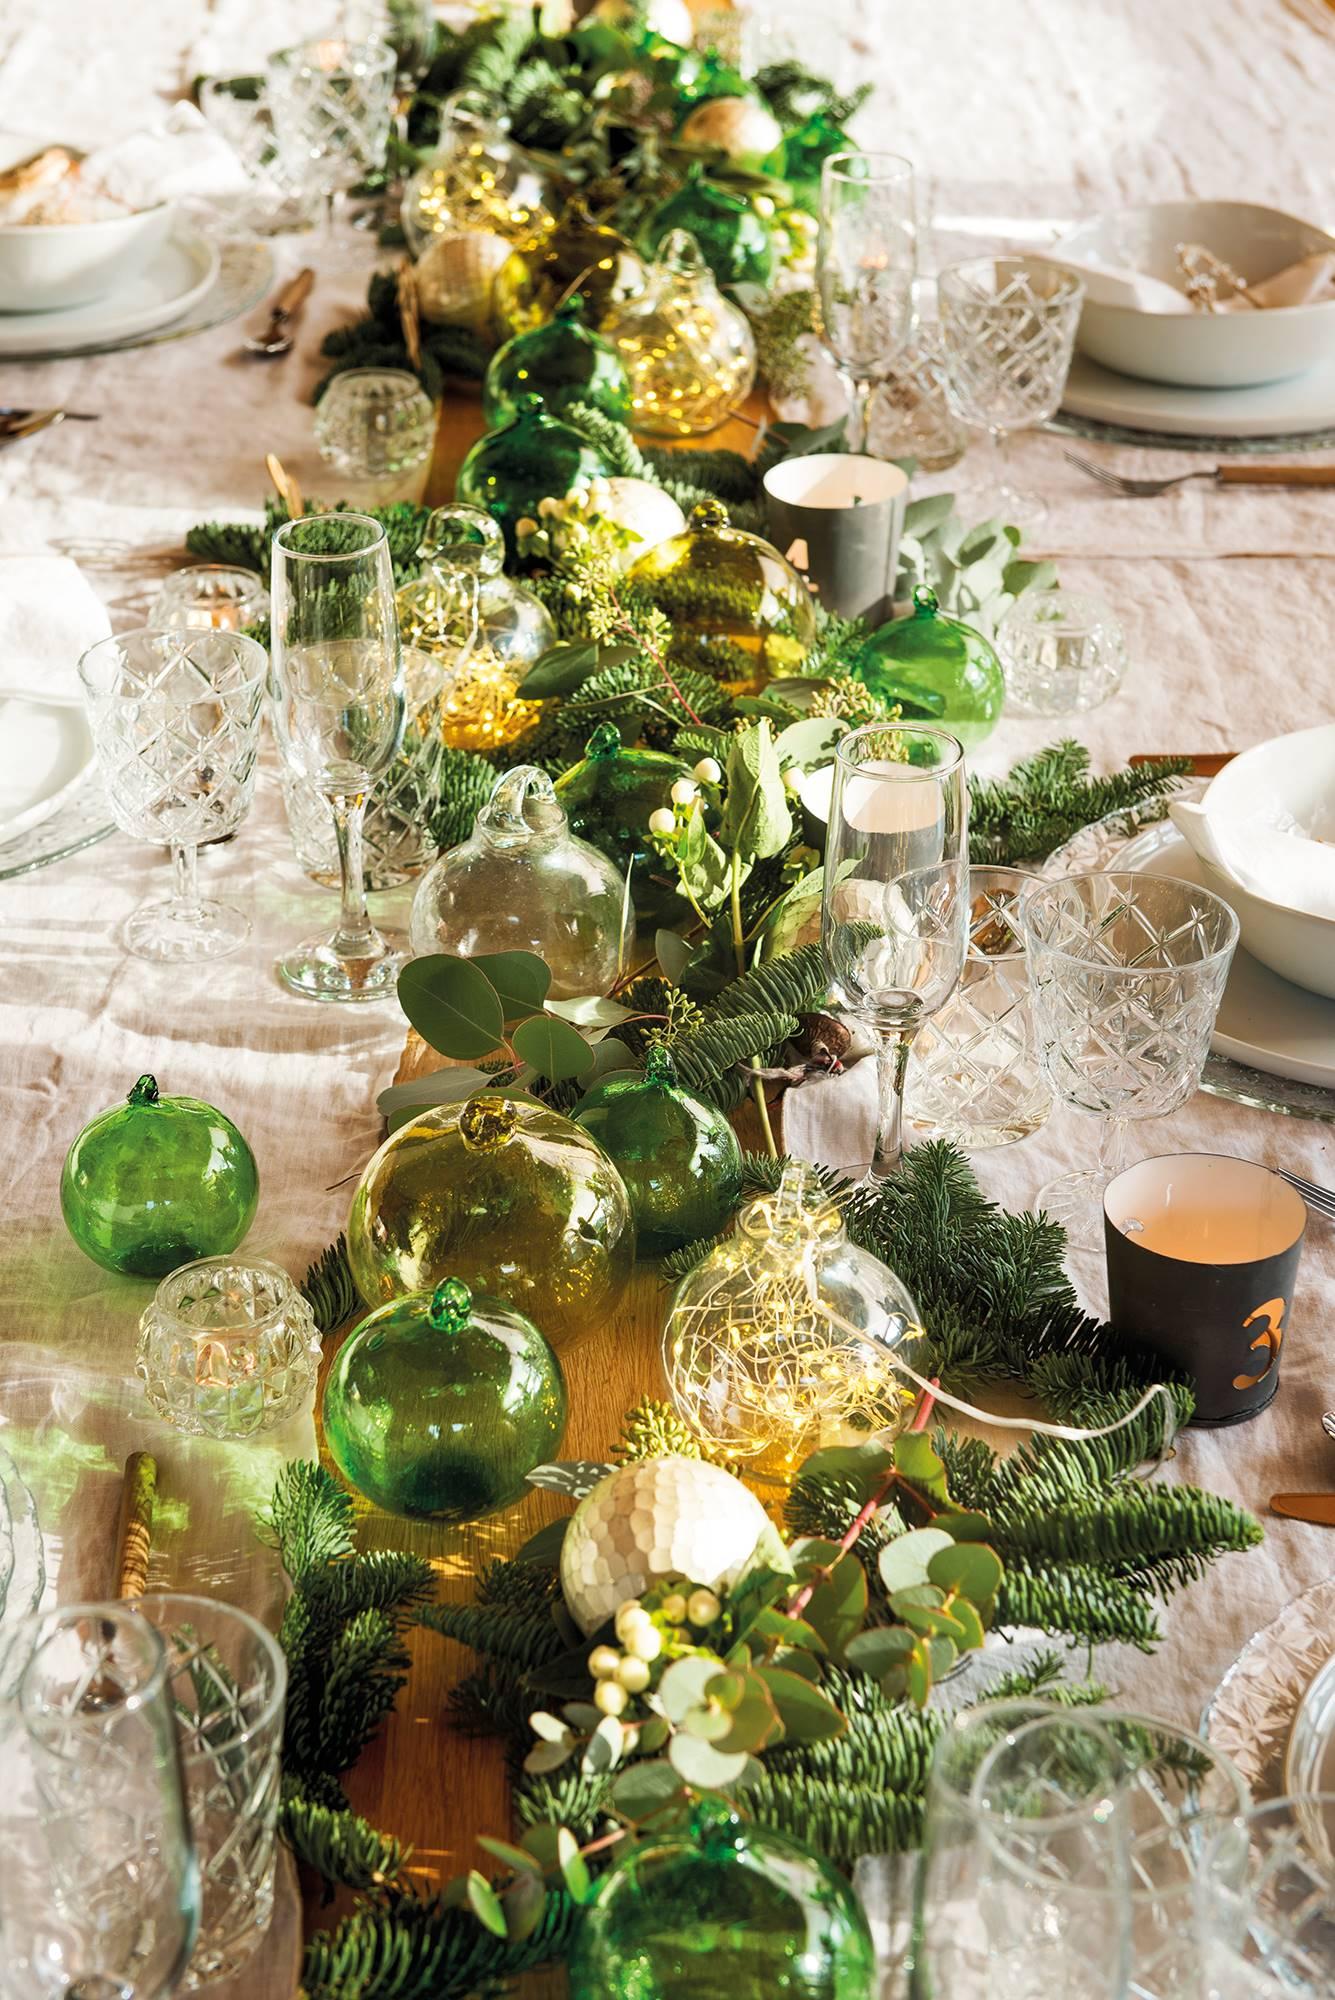 Centros de mesa ideas para decorar la mesa del comedor for Mesa de comedor elegante lamentable